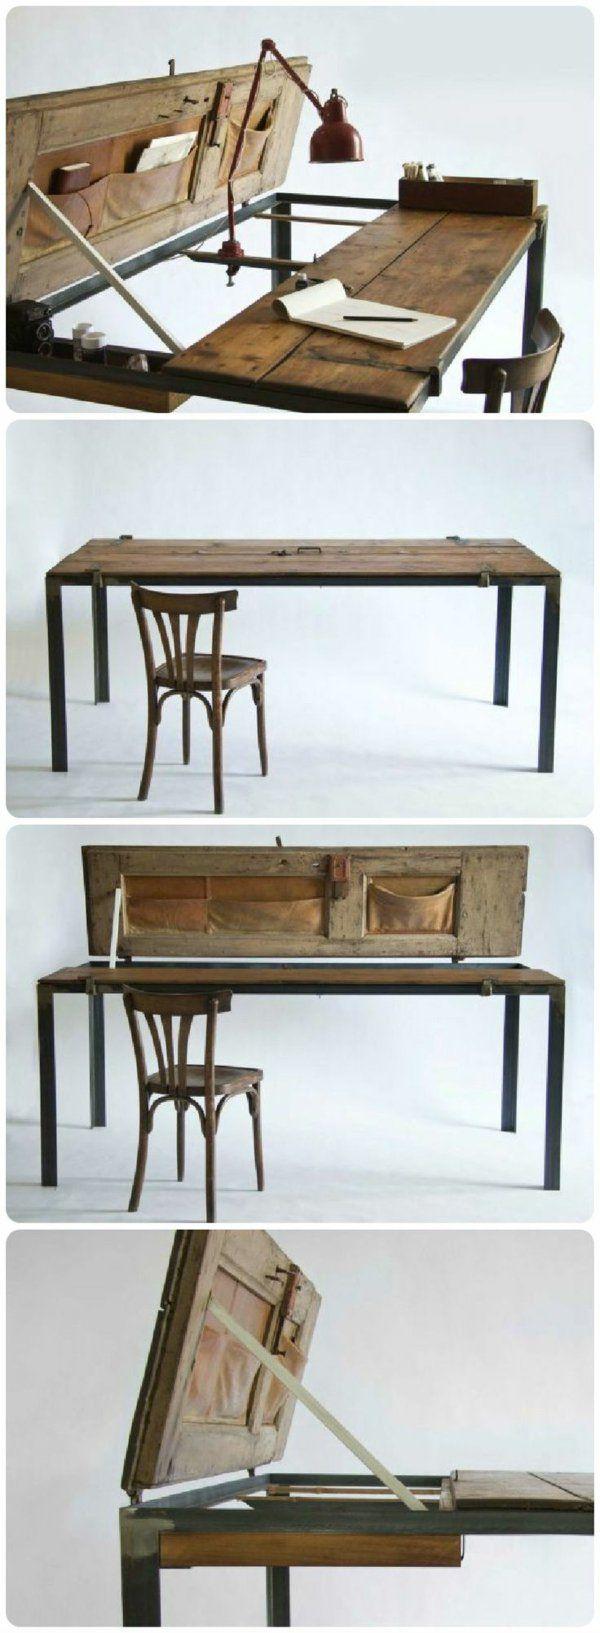 alte m bel neu gestalten und auf eine tolle art und weise aufpeppen m bel restaurieren alte. Black Bedroom Furniture Sets. Home Design Ideas